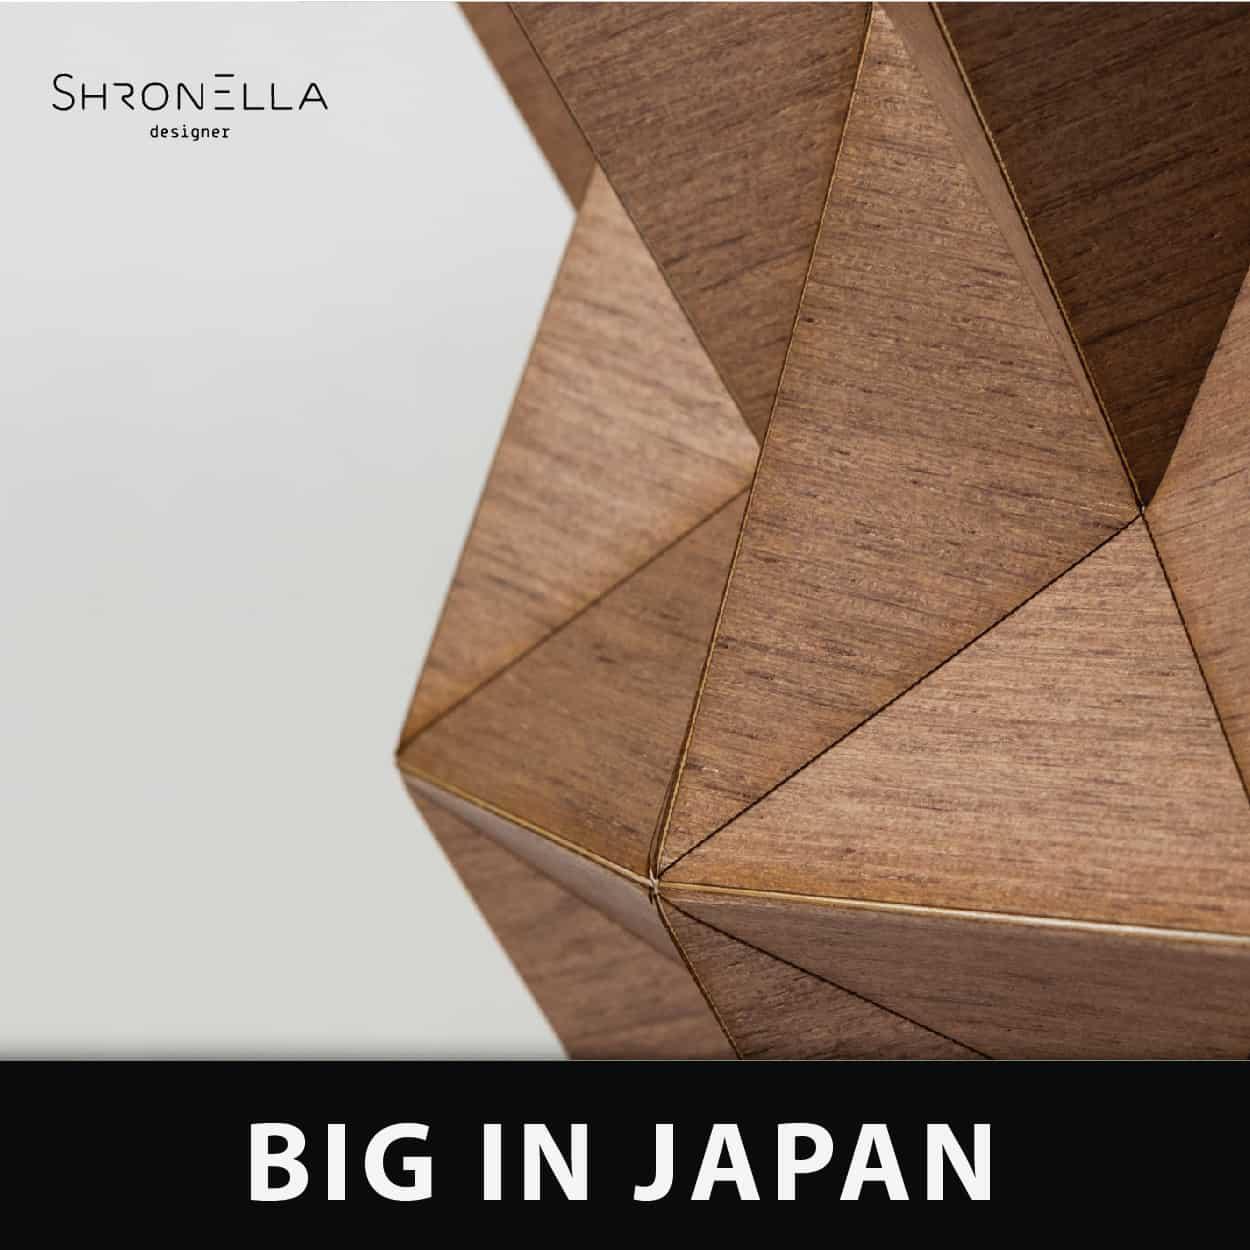 פרסום לסדנת Big in japan עם צילום מתוך עבודת אוריגמי של אילן גריבי